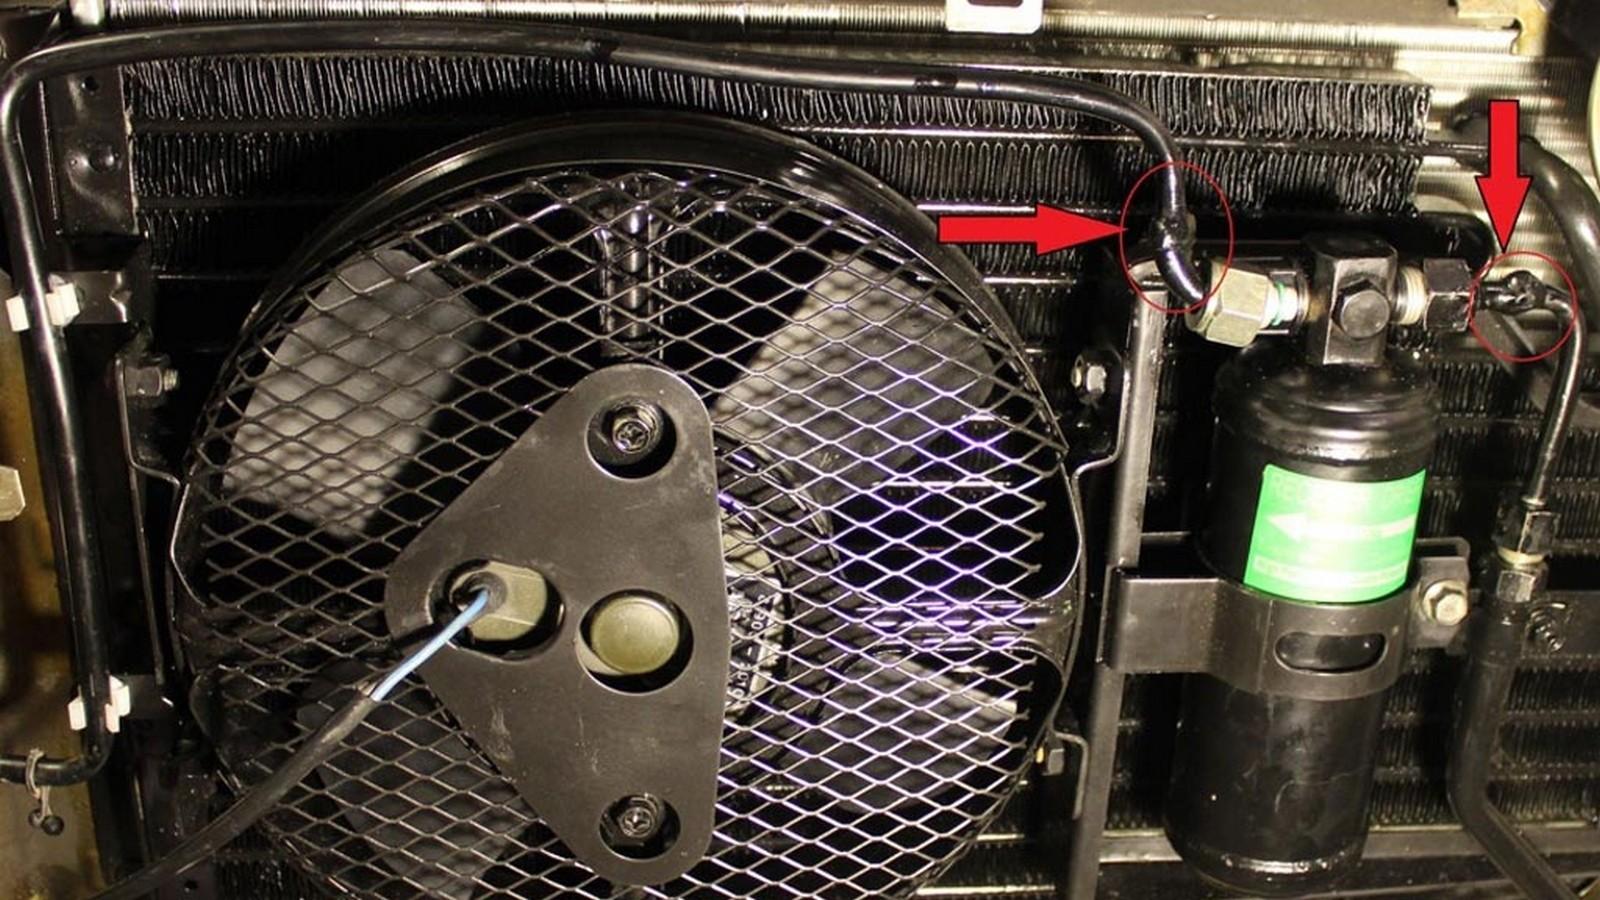 Конденсор с ресивером и вентилятором объединен в единый монтажный блок. Фото: Евгений Карпунин